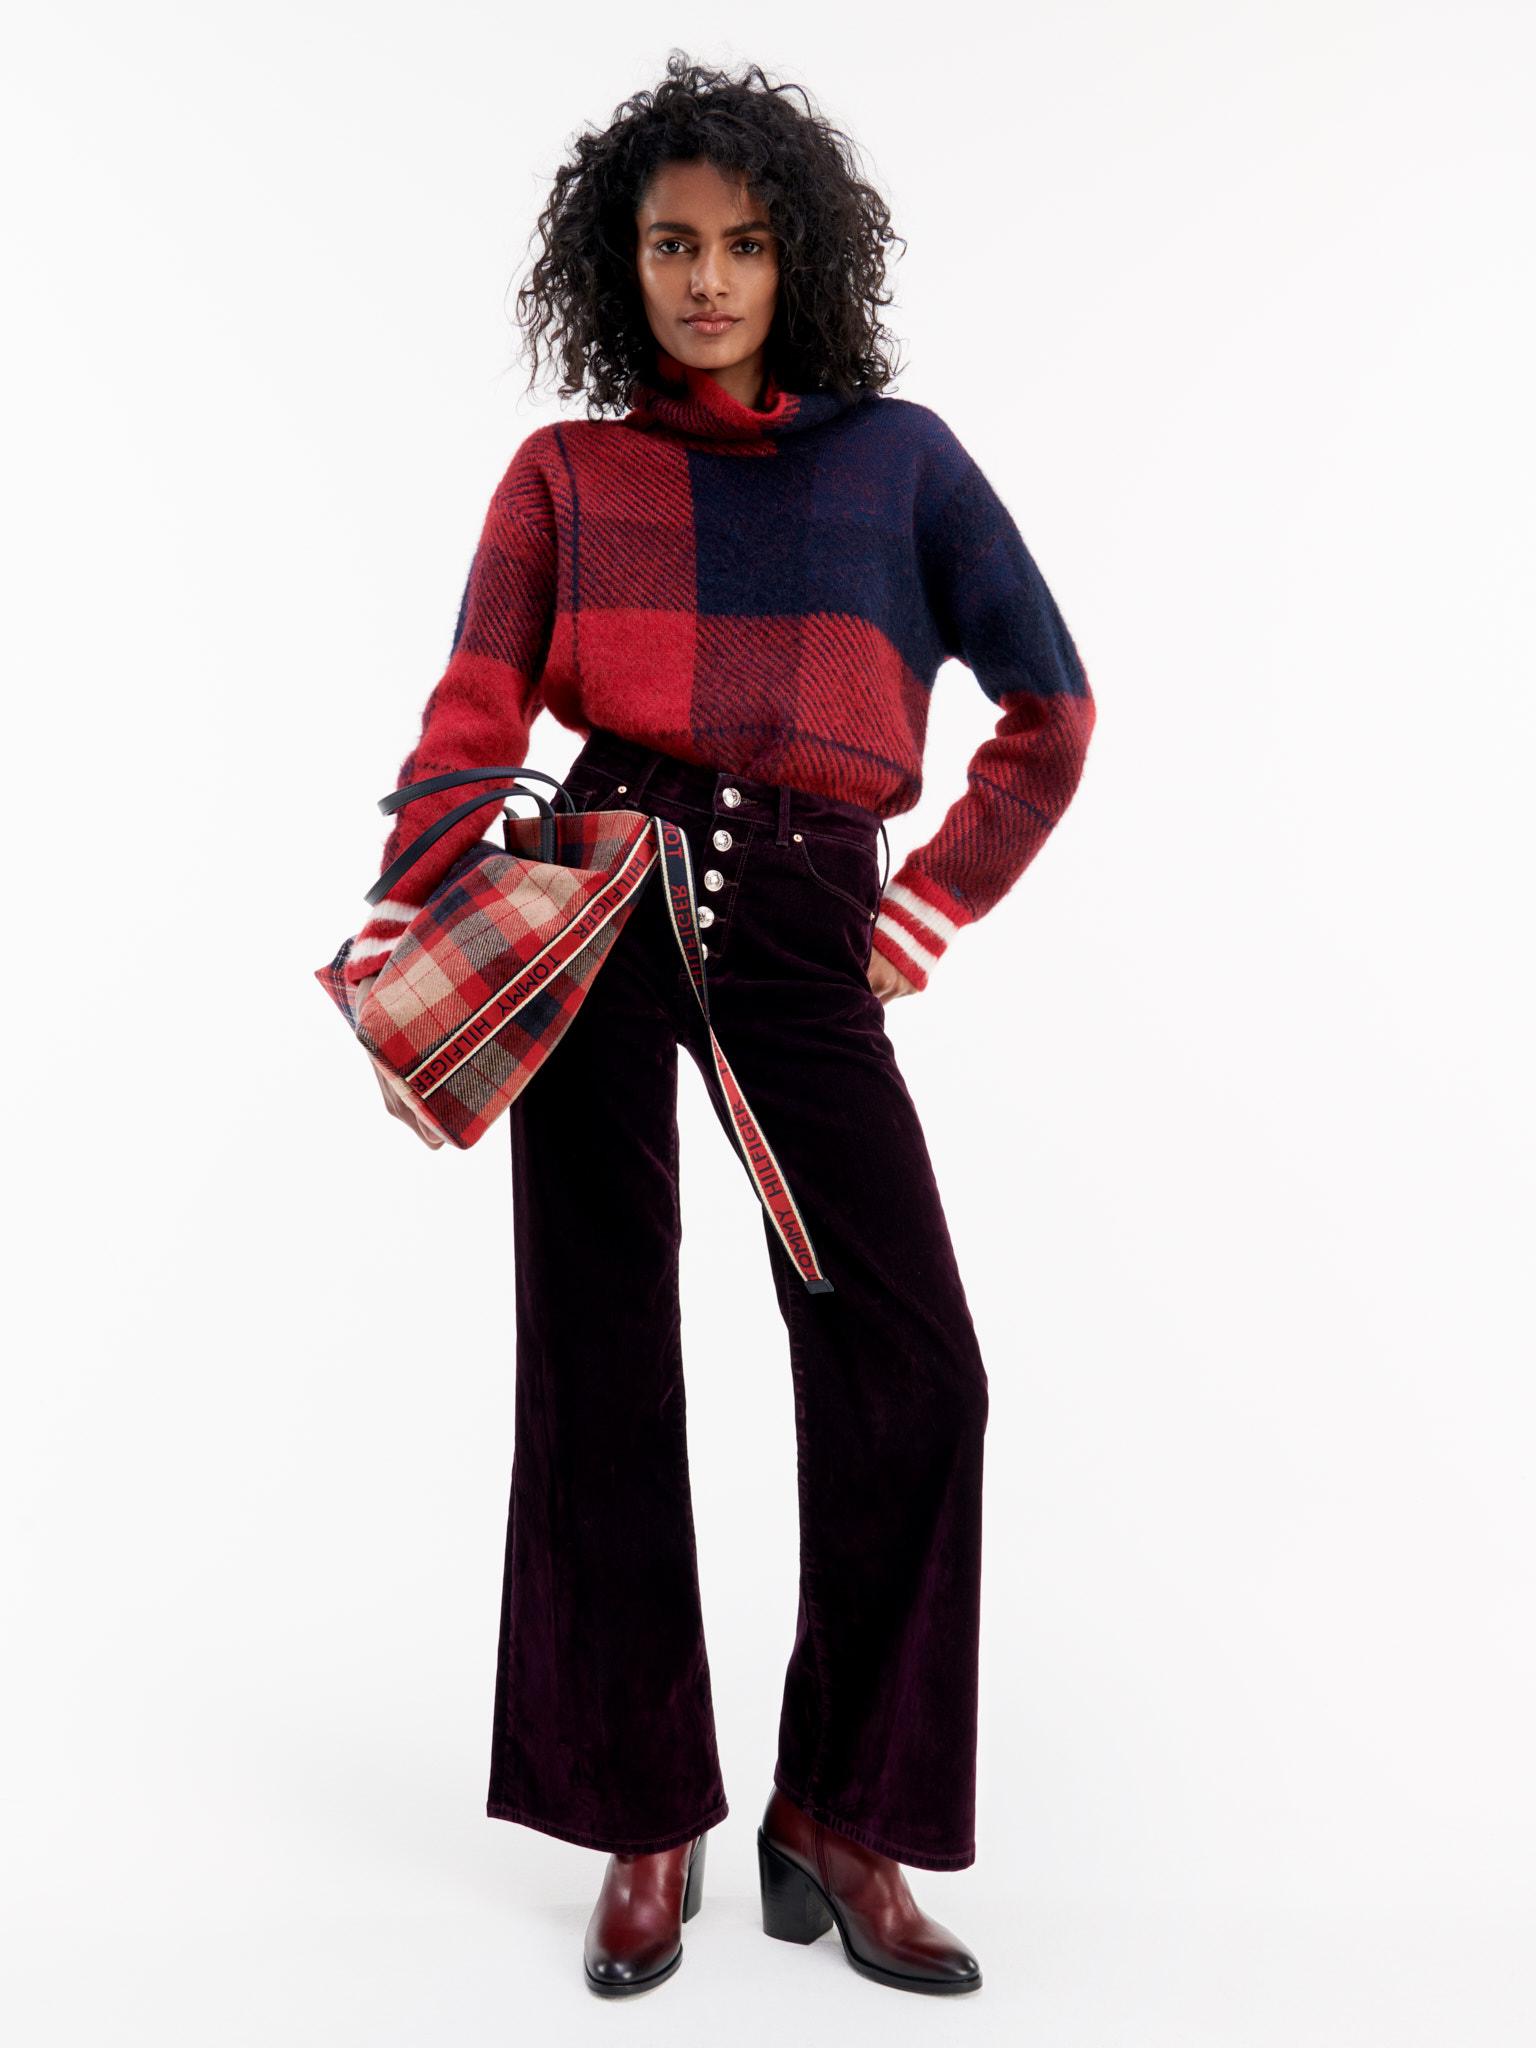 fa20_womenswear_look16